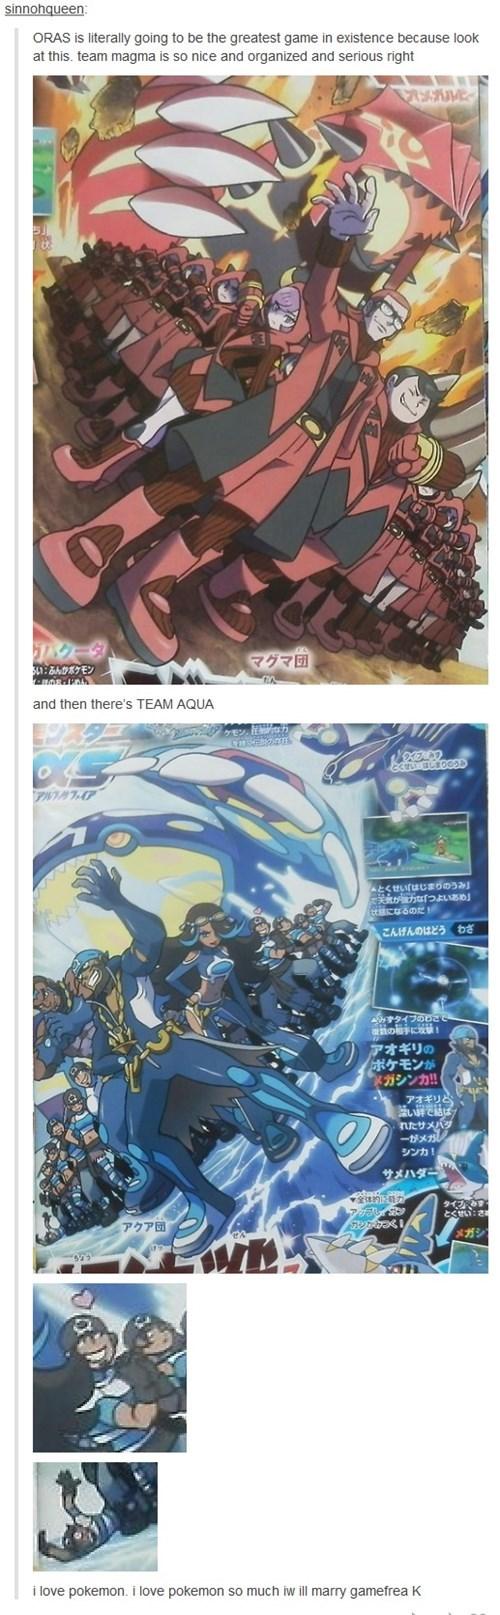 Pokémon ORAS team aqua team magma funny - 8317287168